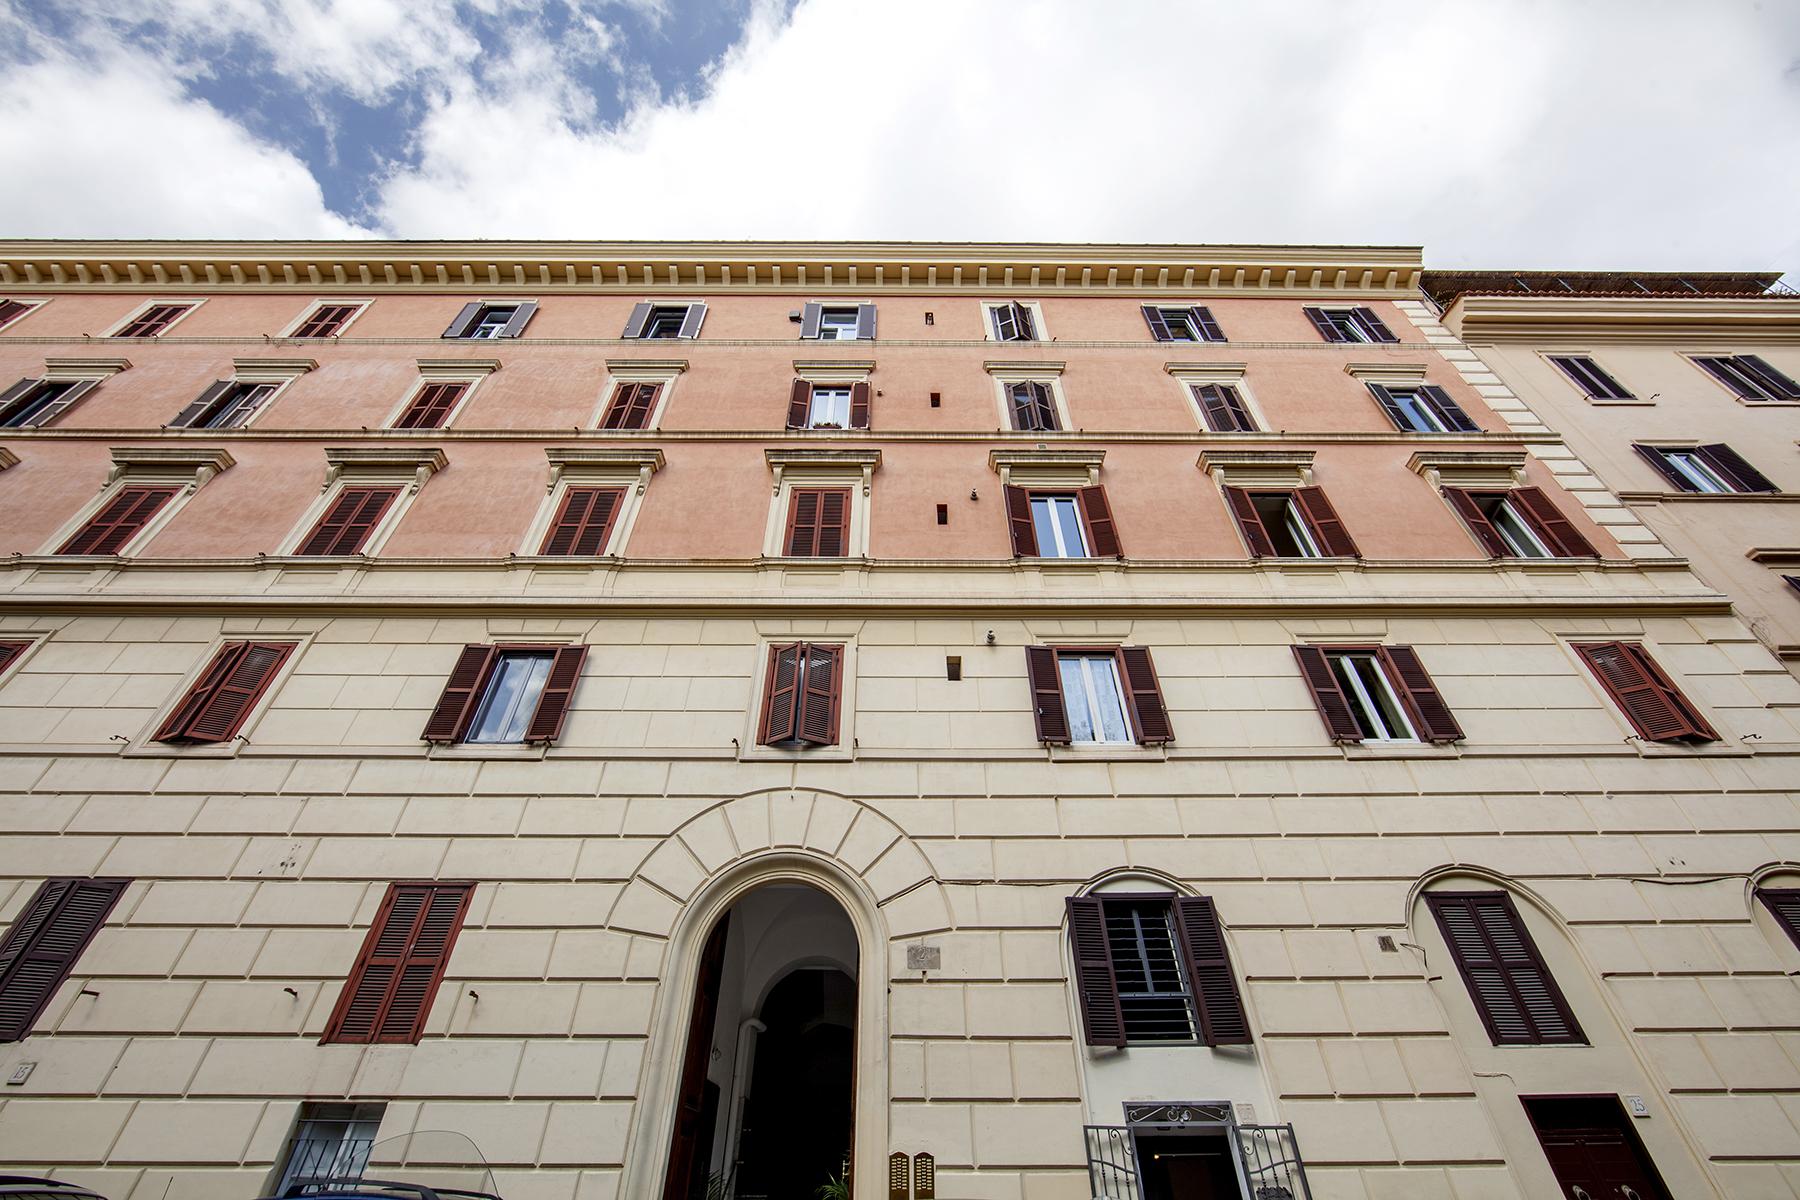 Attico in Vendita a Roma: 5 locali, 147 mq - Foto 9